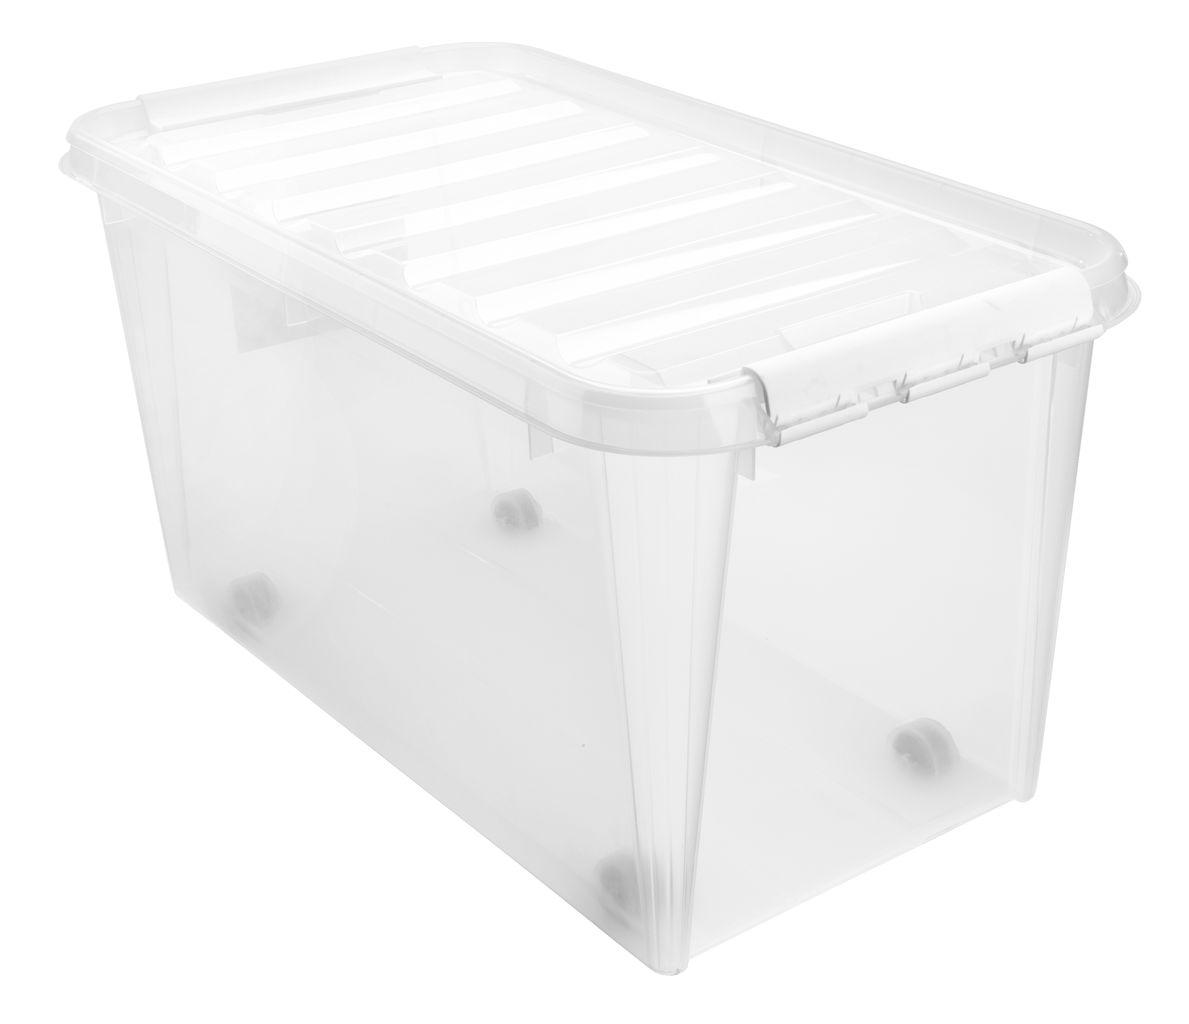 Opbergbox SMARTSTORE classic 70 mdeksel  JYSK